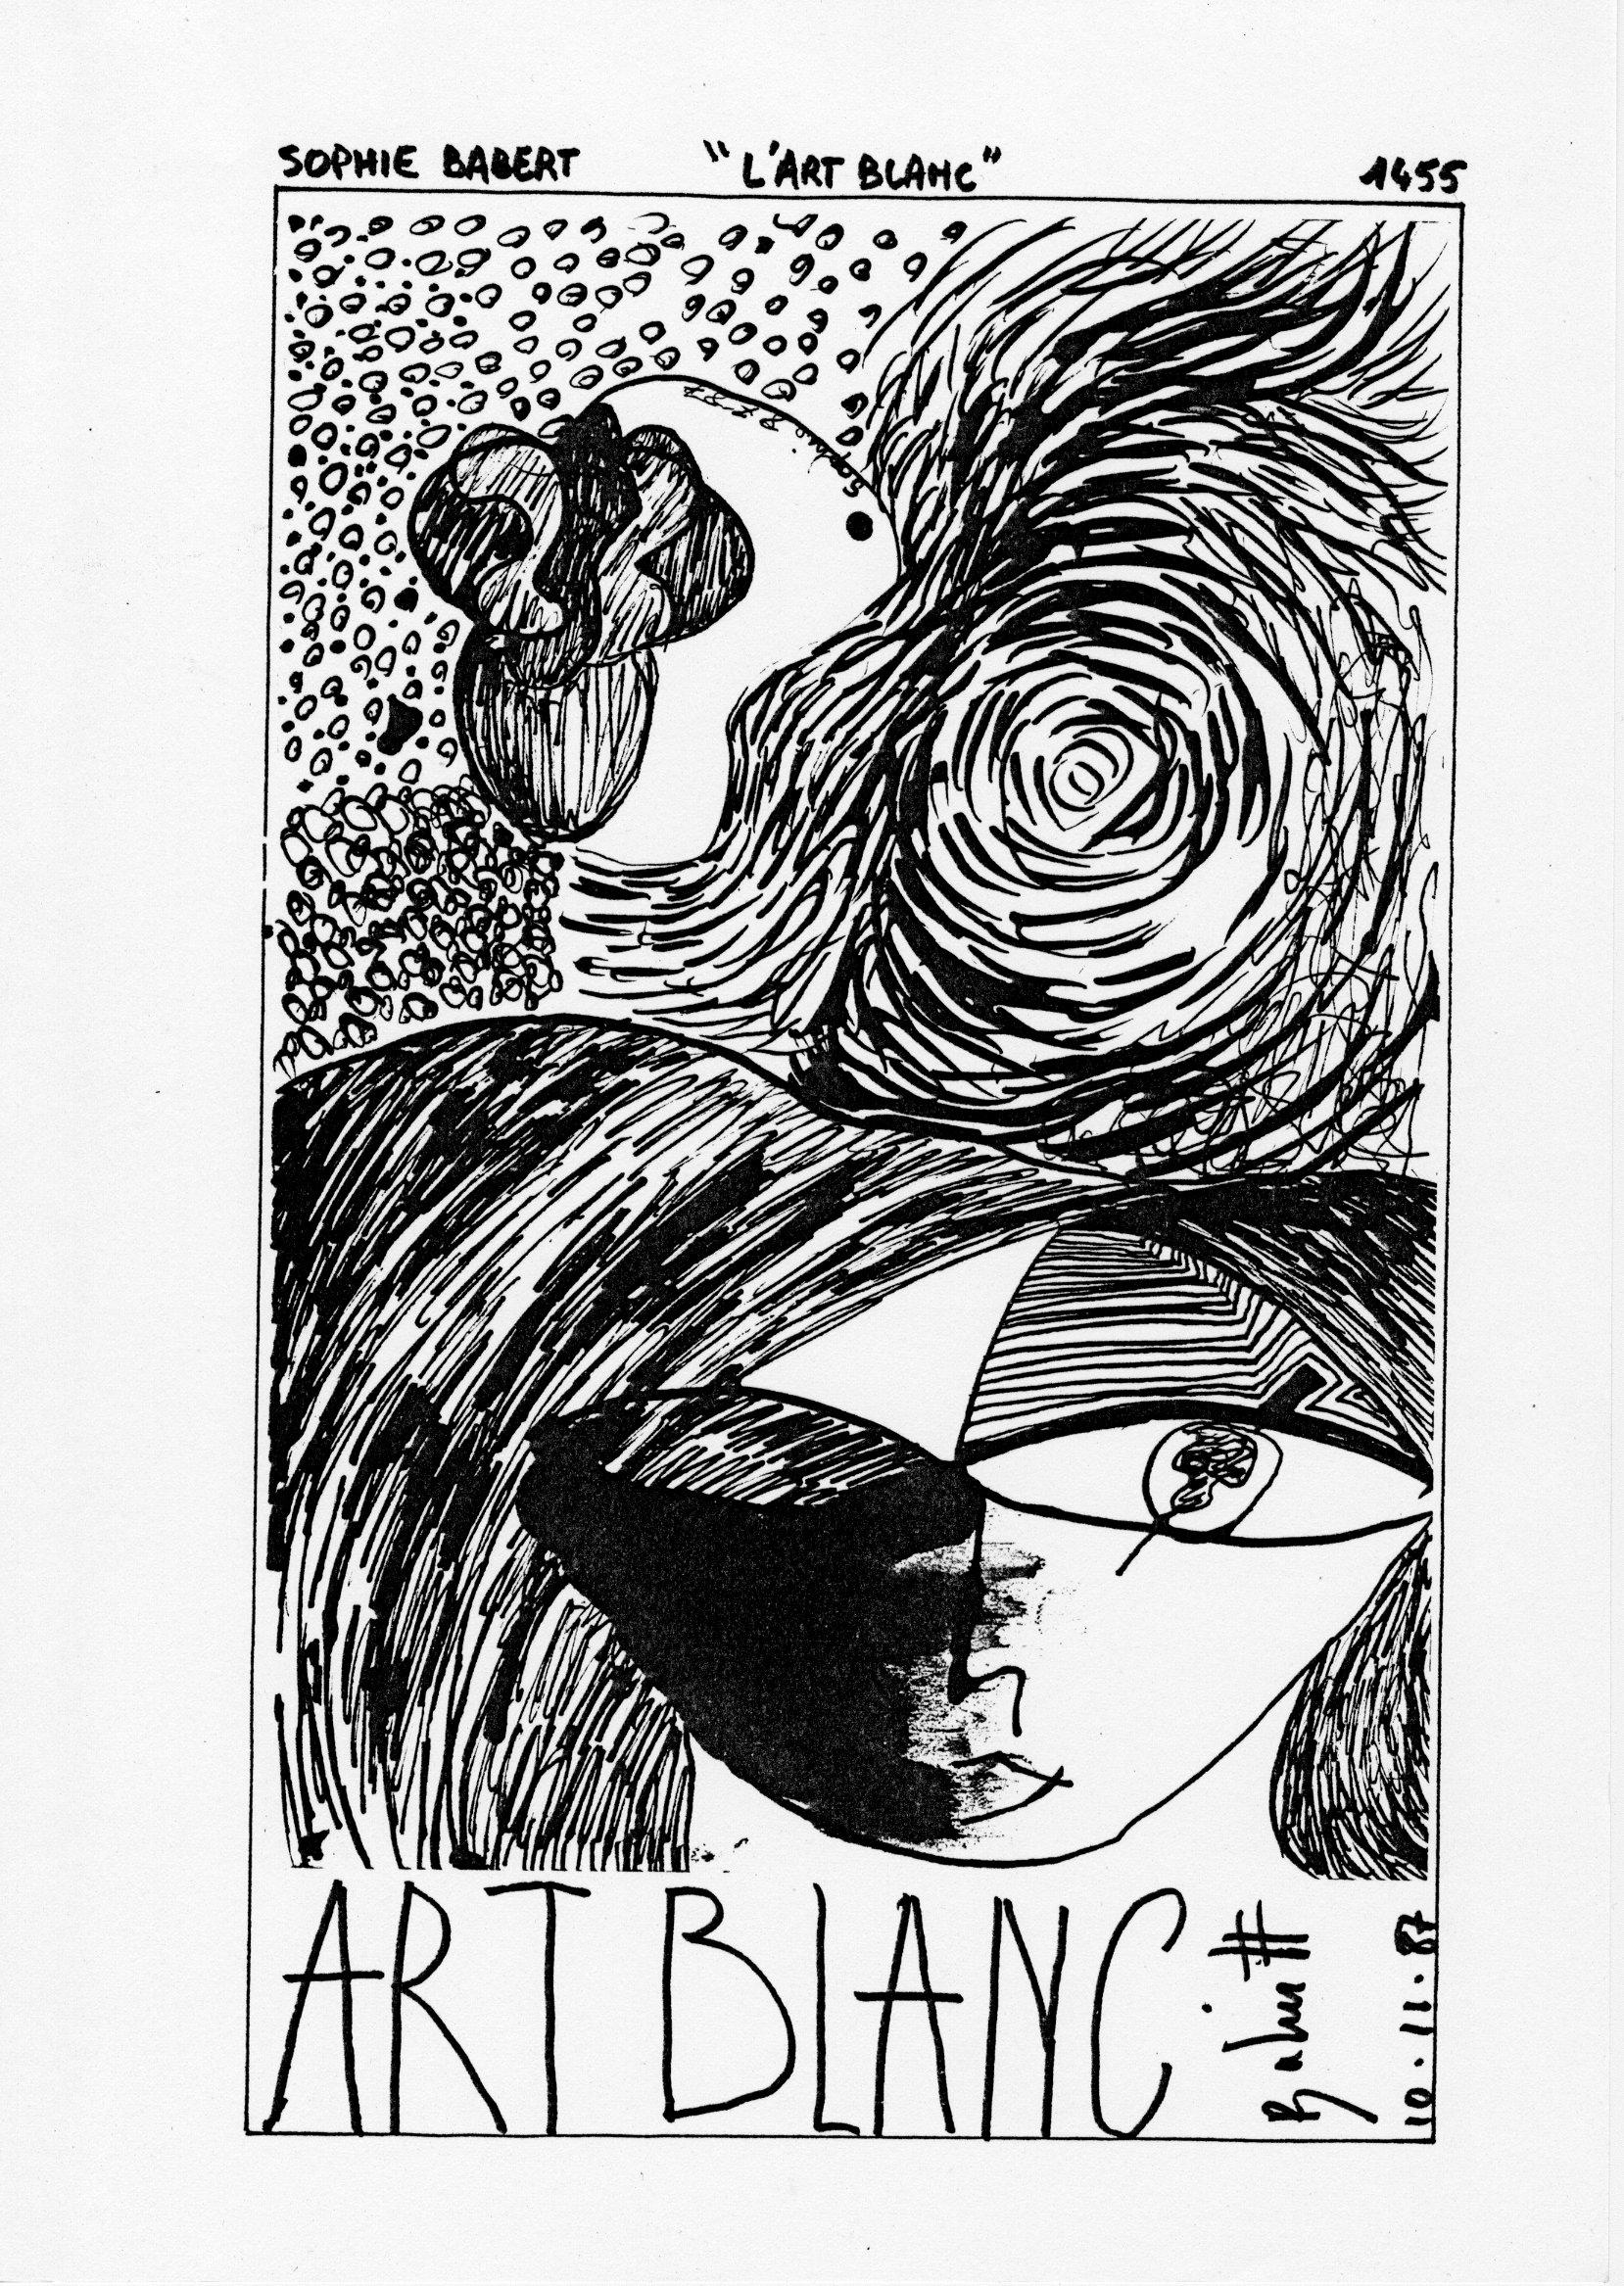 page 1455 S. Babert L'ART BLANC